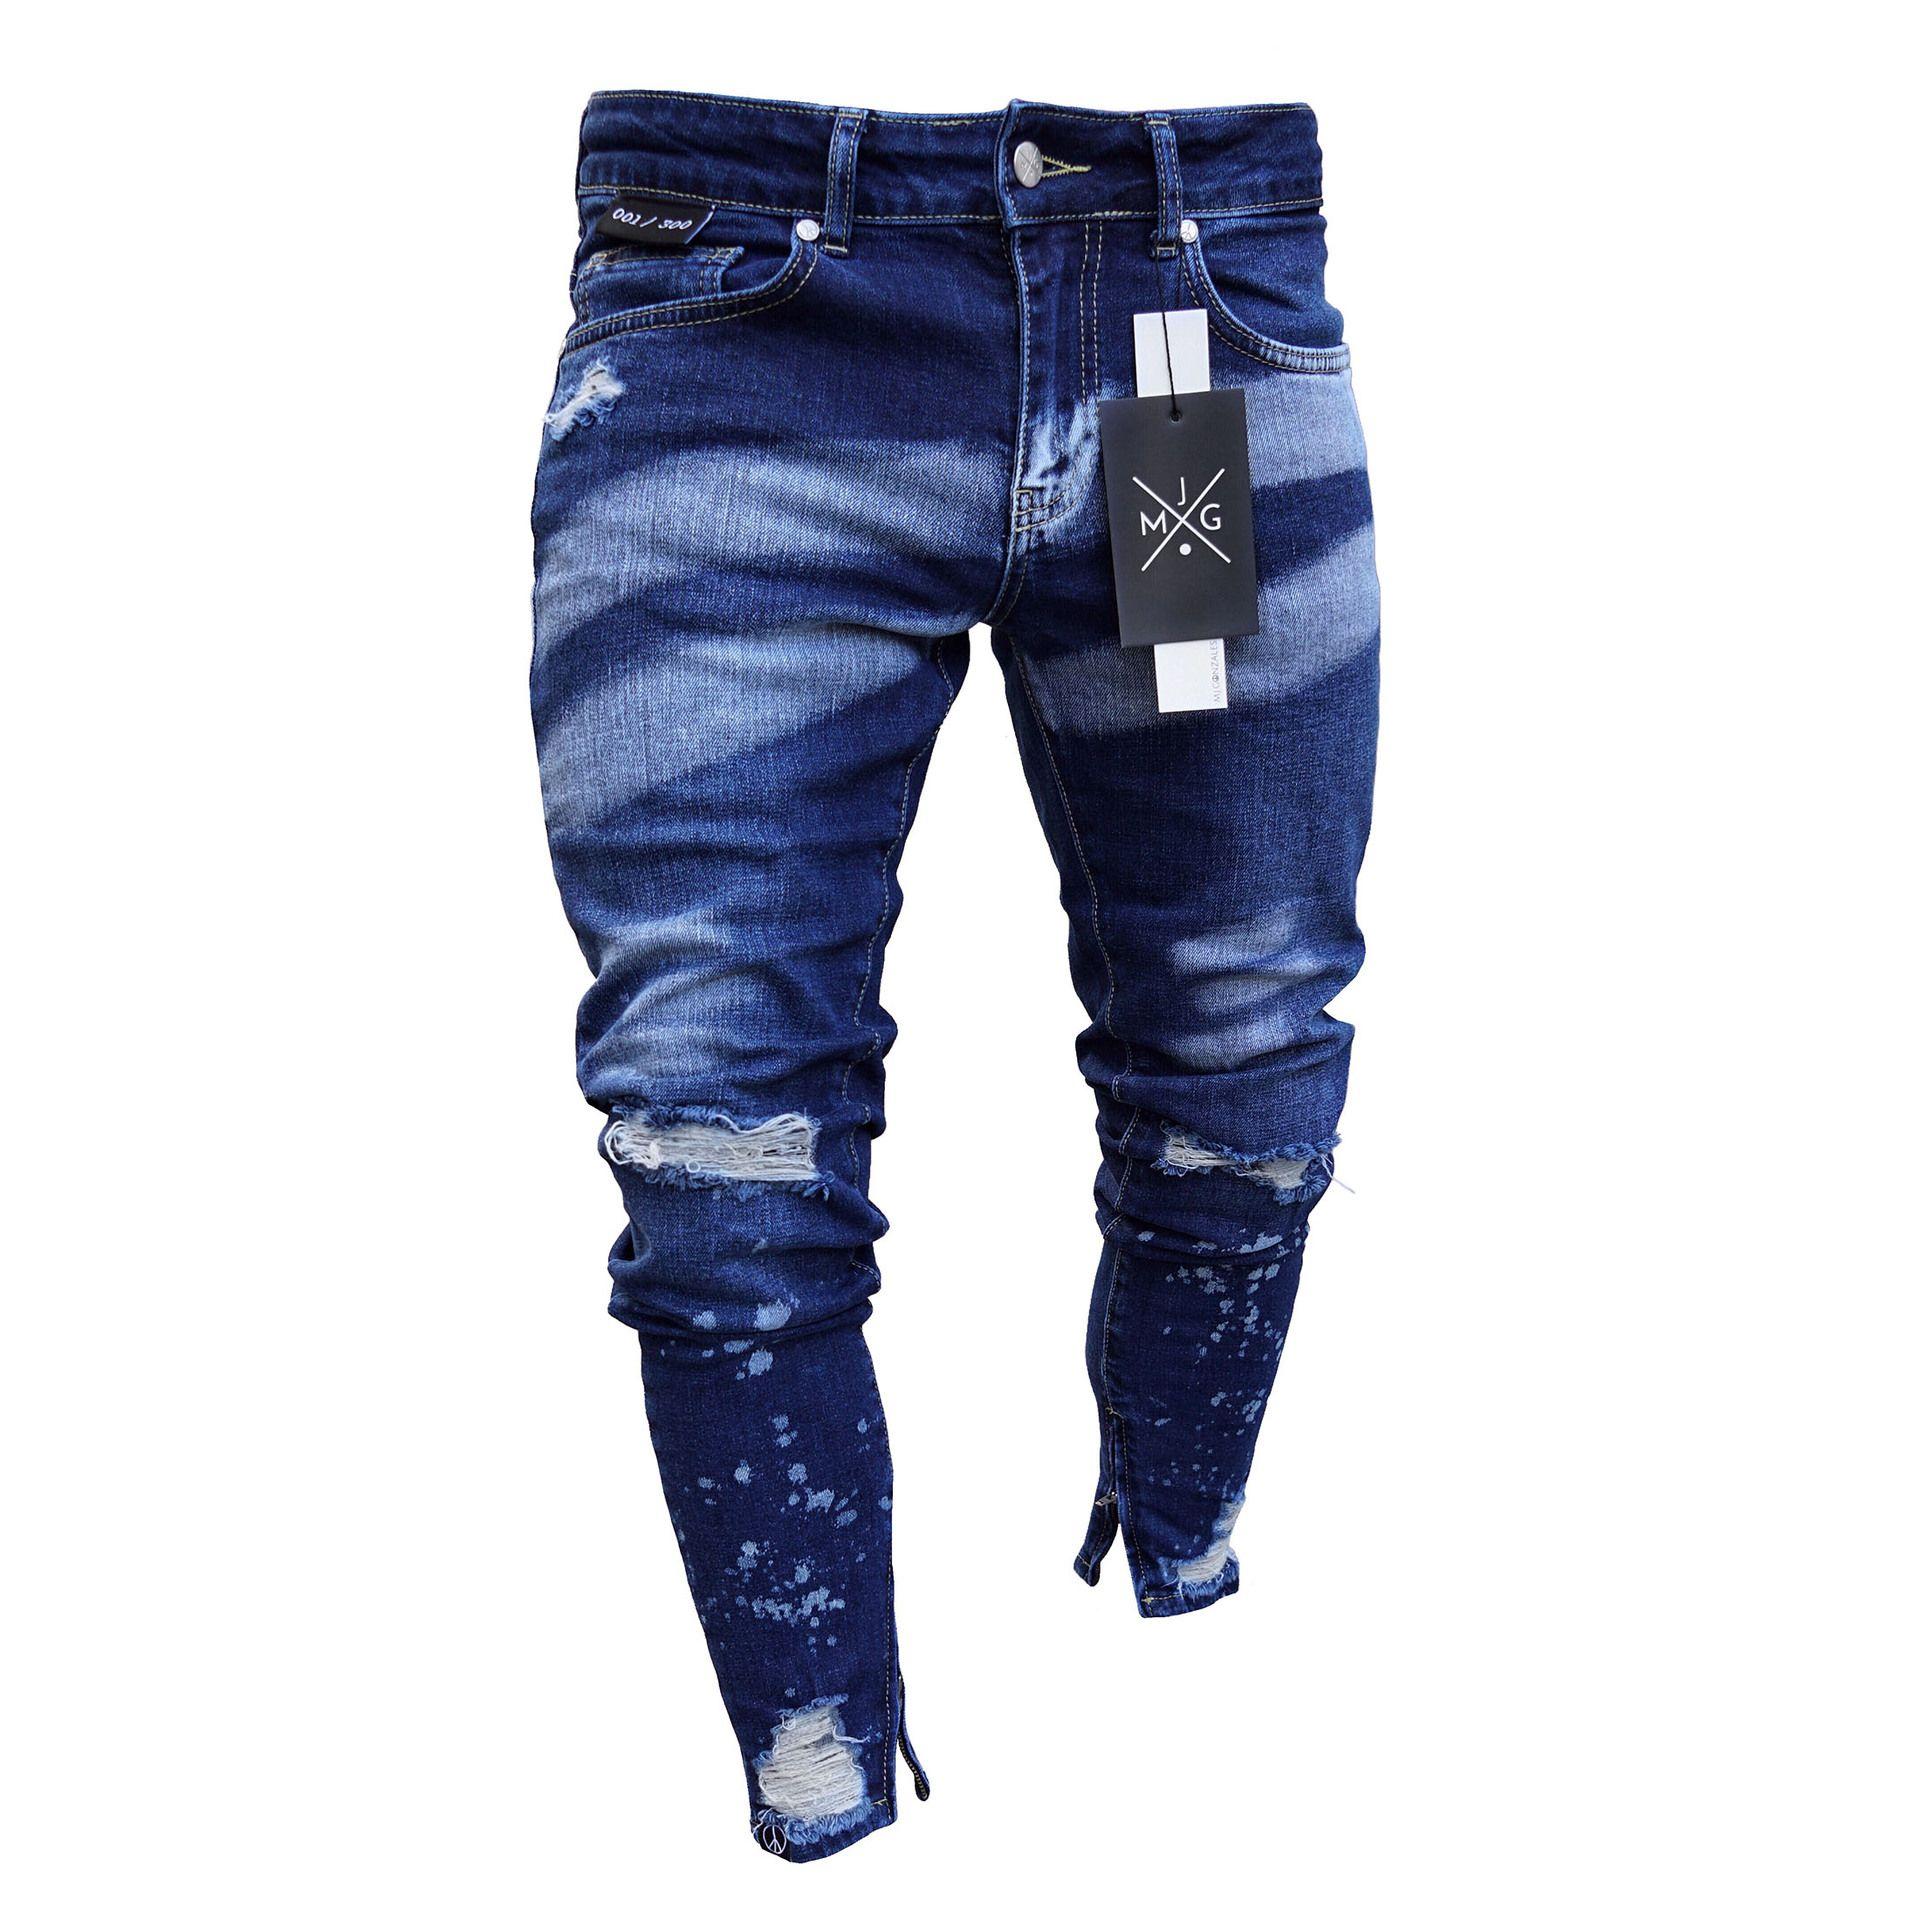 70ab65a772 Compre Azul Lavado Jeans Para Hombre Ropa Gradiente De Color Lápiz Pantalón  Jean Pantalones Vaqueros Ajustados De Corte Slim A  43.32 Del Sunflower111  ...